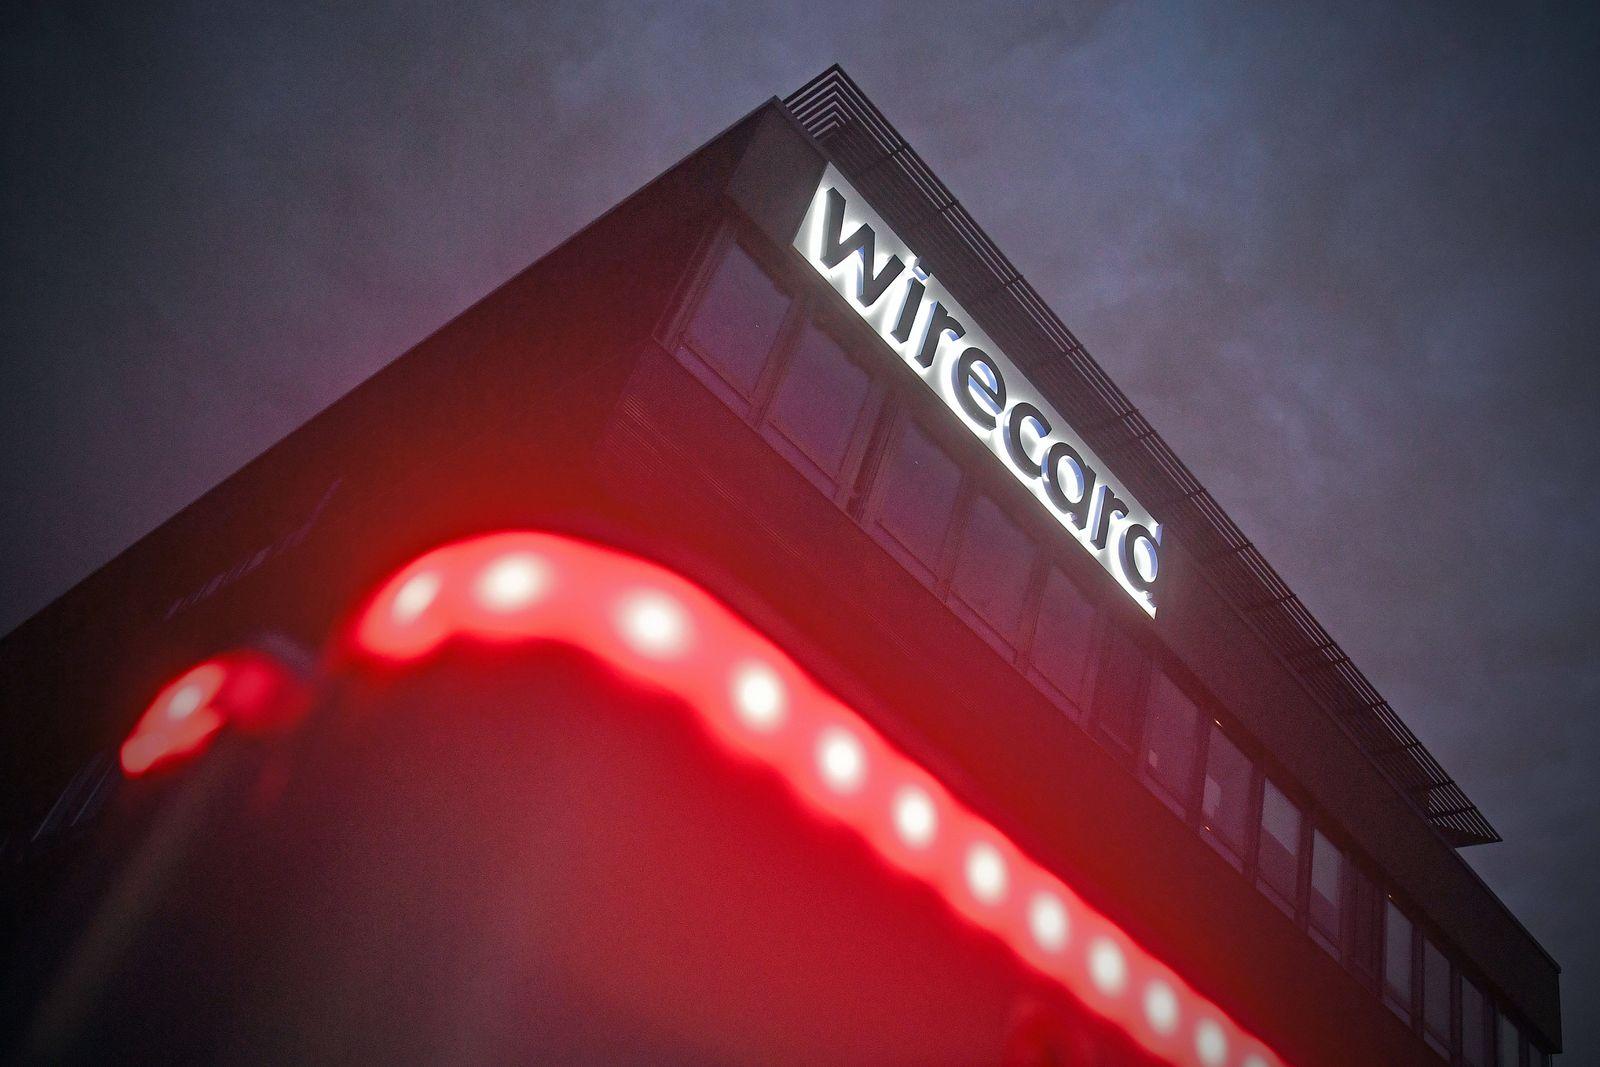 wirecard Bilanzskandal: Ermittler durchsuchen Wirecard-Bueros. wirecard Logo, Firmenemblem,Schriftzug ,Gebaeude, Fassade